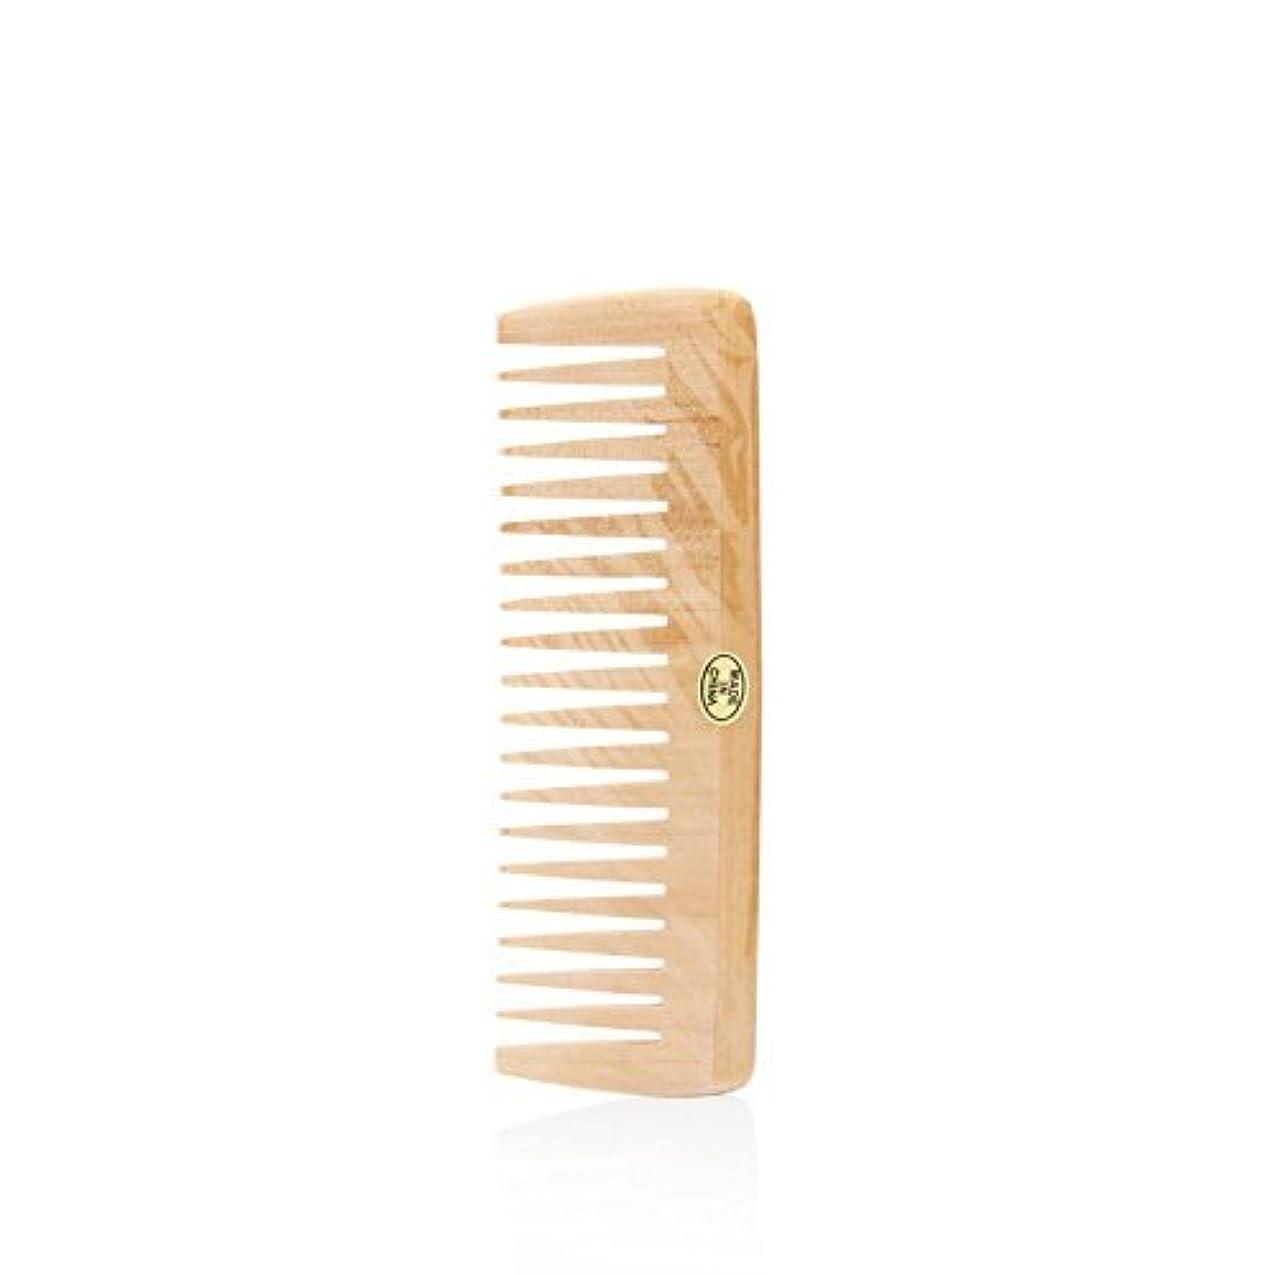 バッフル交響曲冷凍庫Bath Accessories Wood Detangling Comb [並行輸入品]